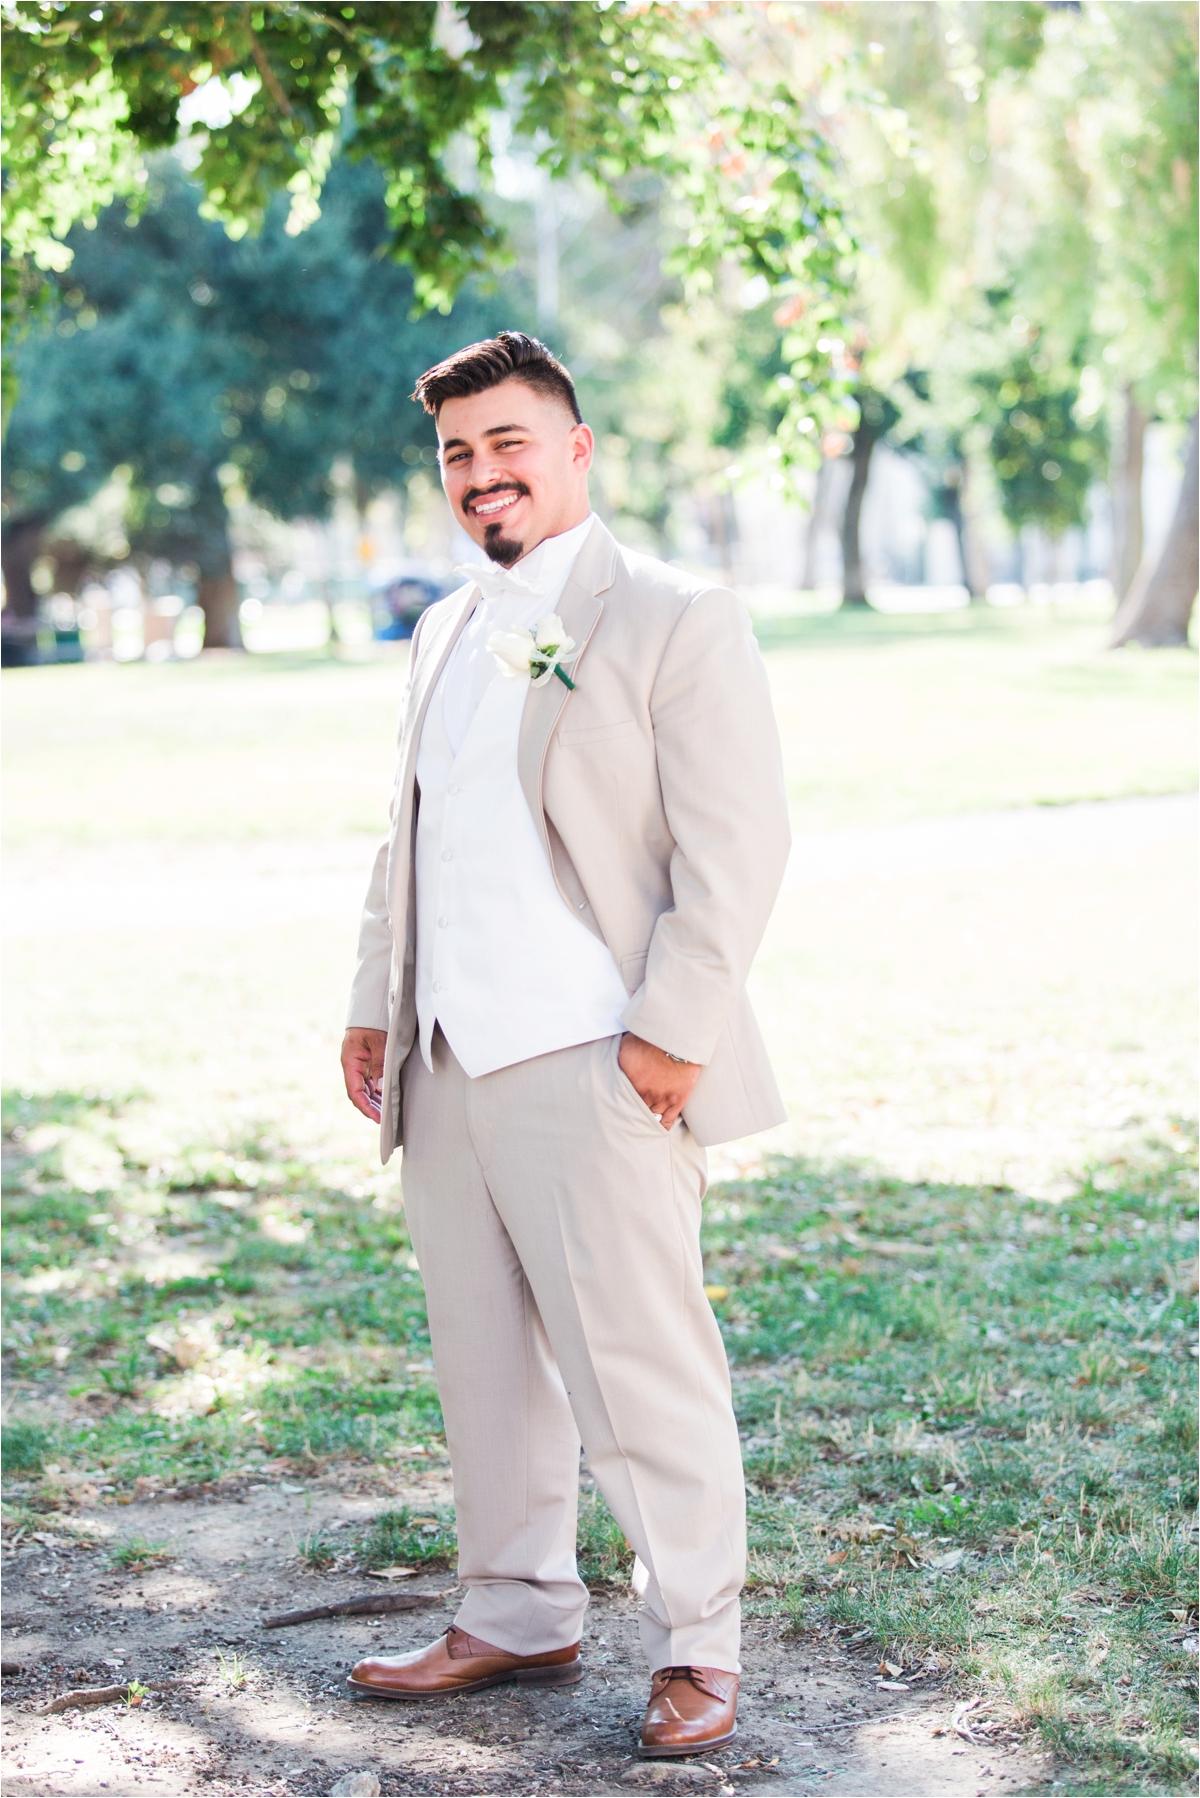 Corinthian Event Center Wedding photos by Briana Calderon Photography_0476.jpg